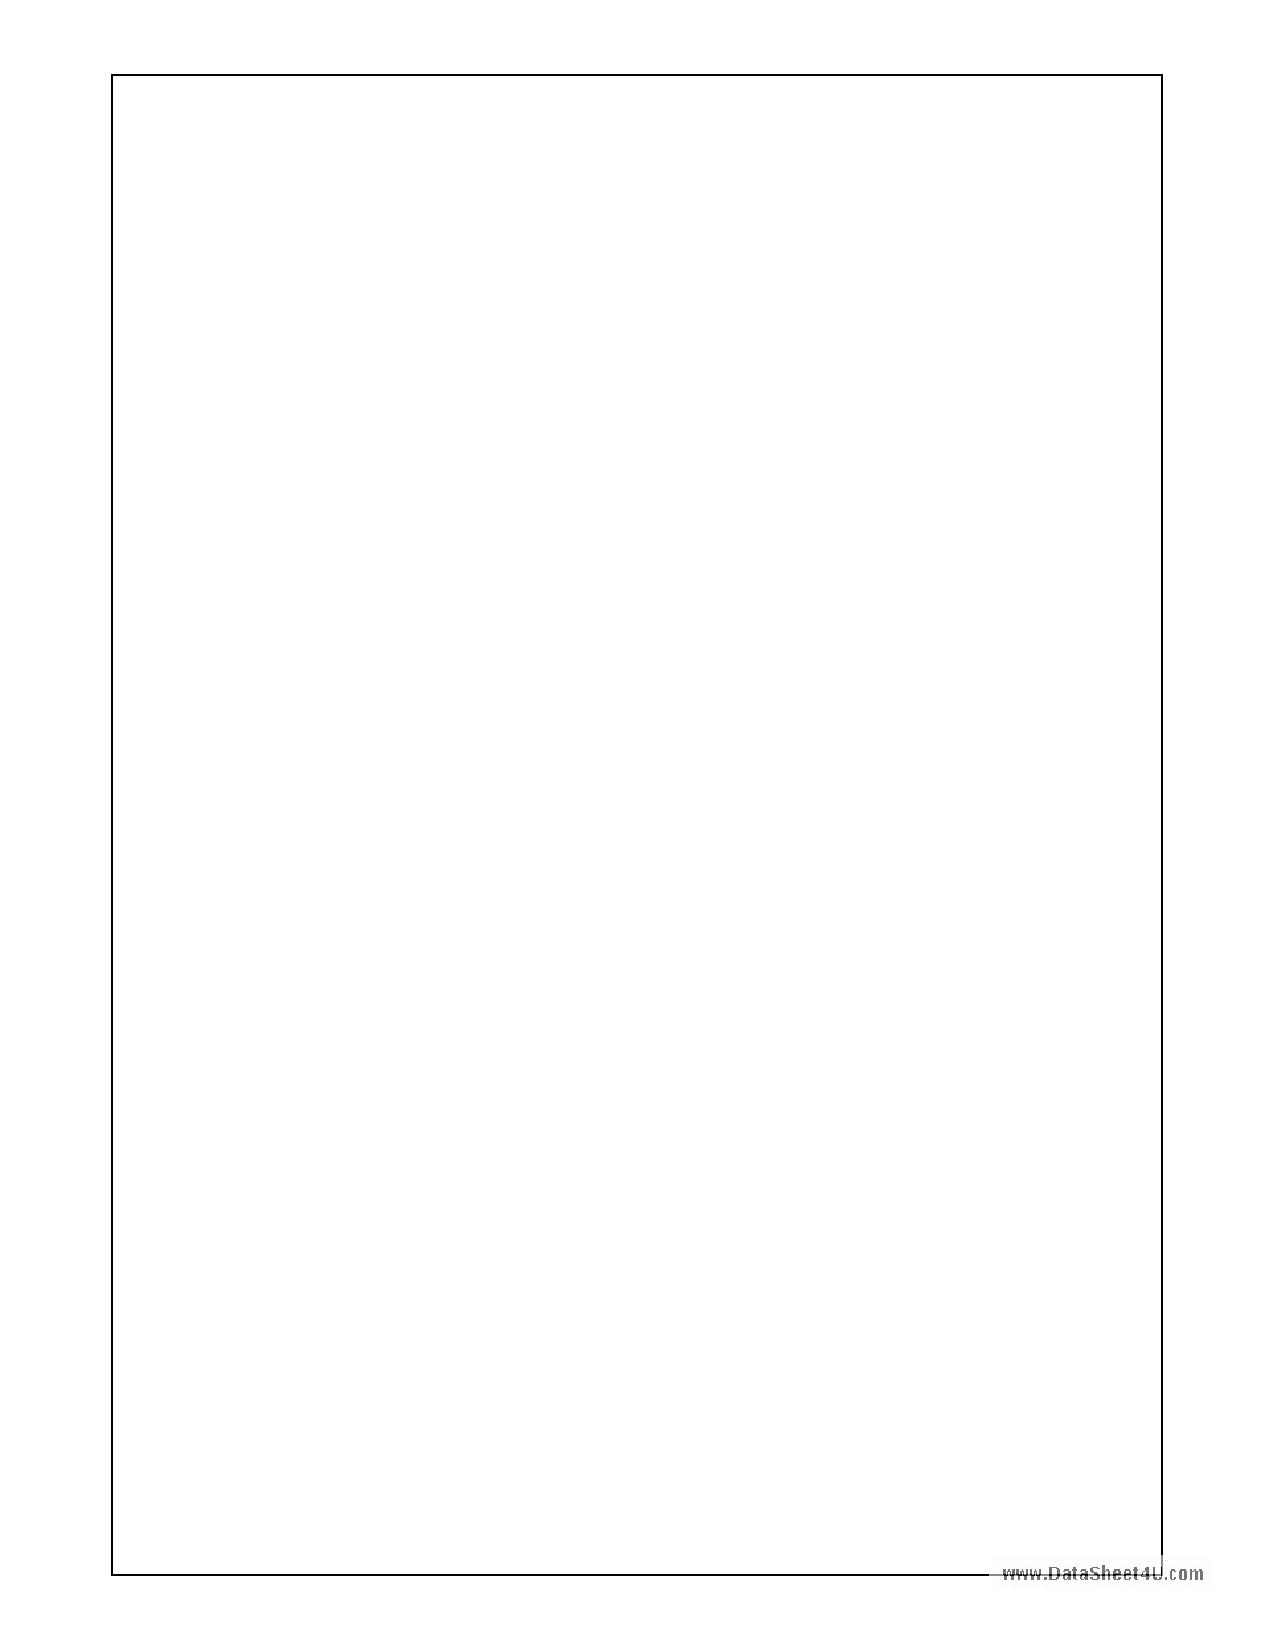 G1-200B-85-1.6 pdf